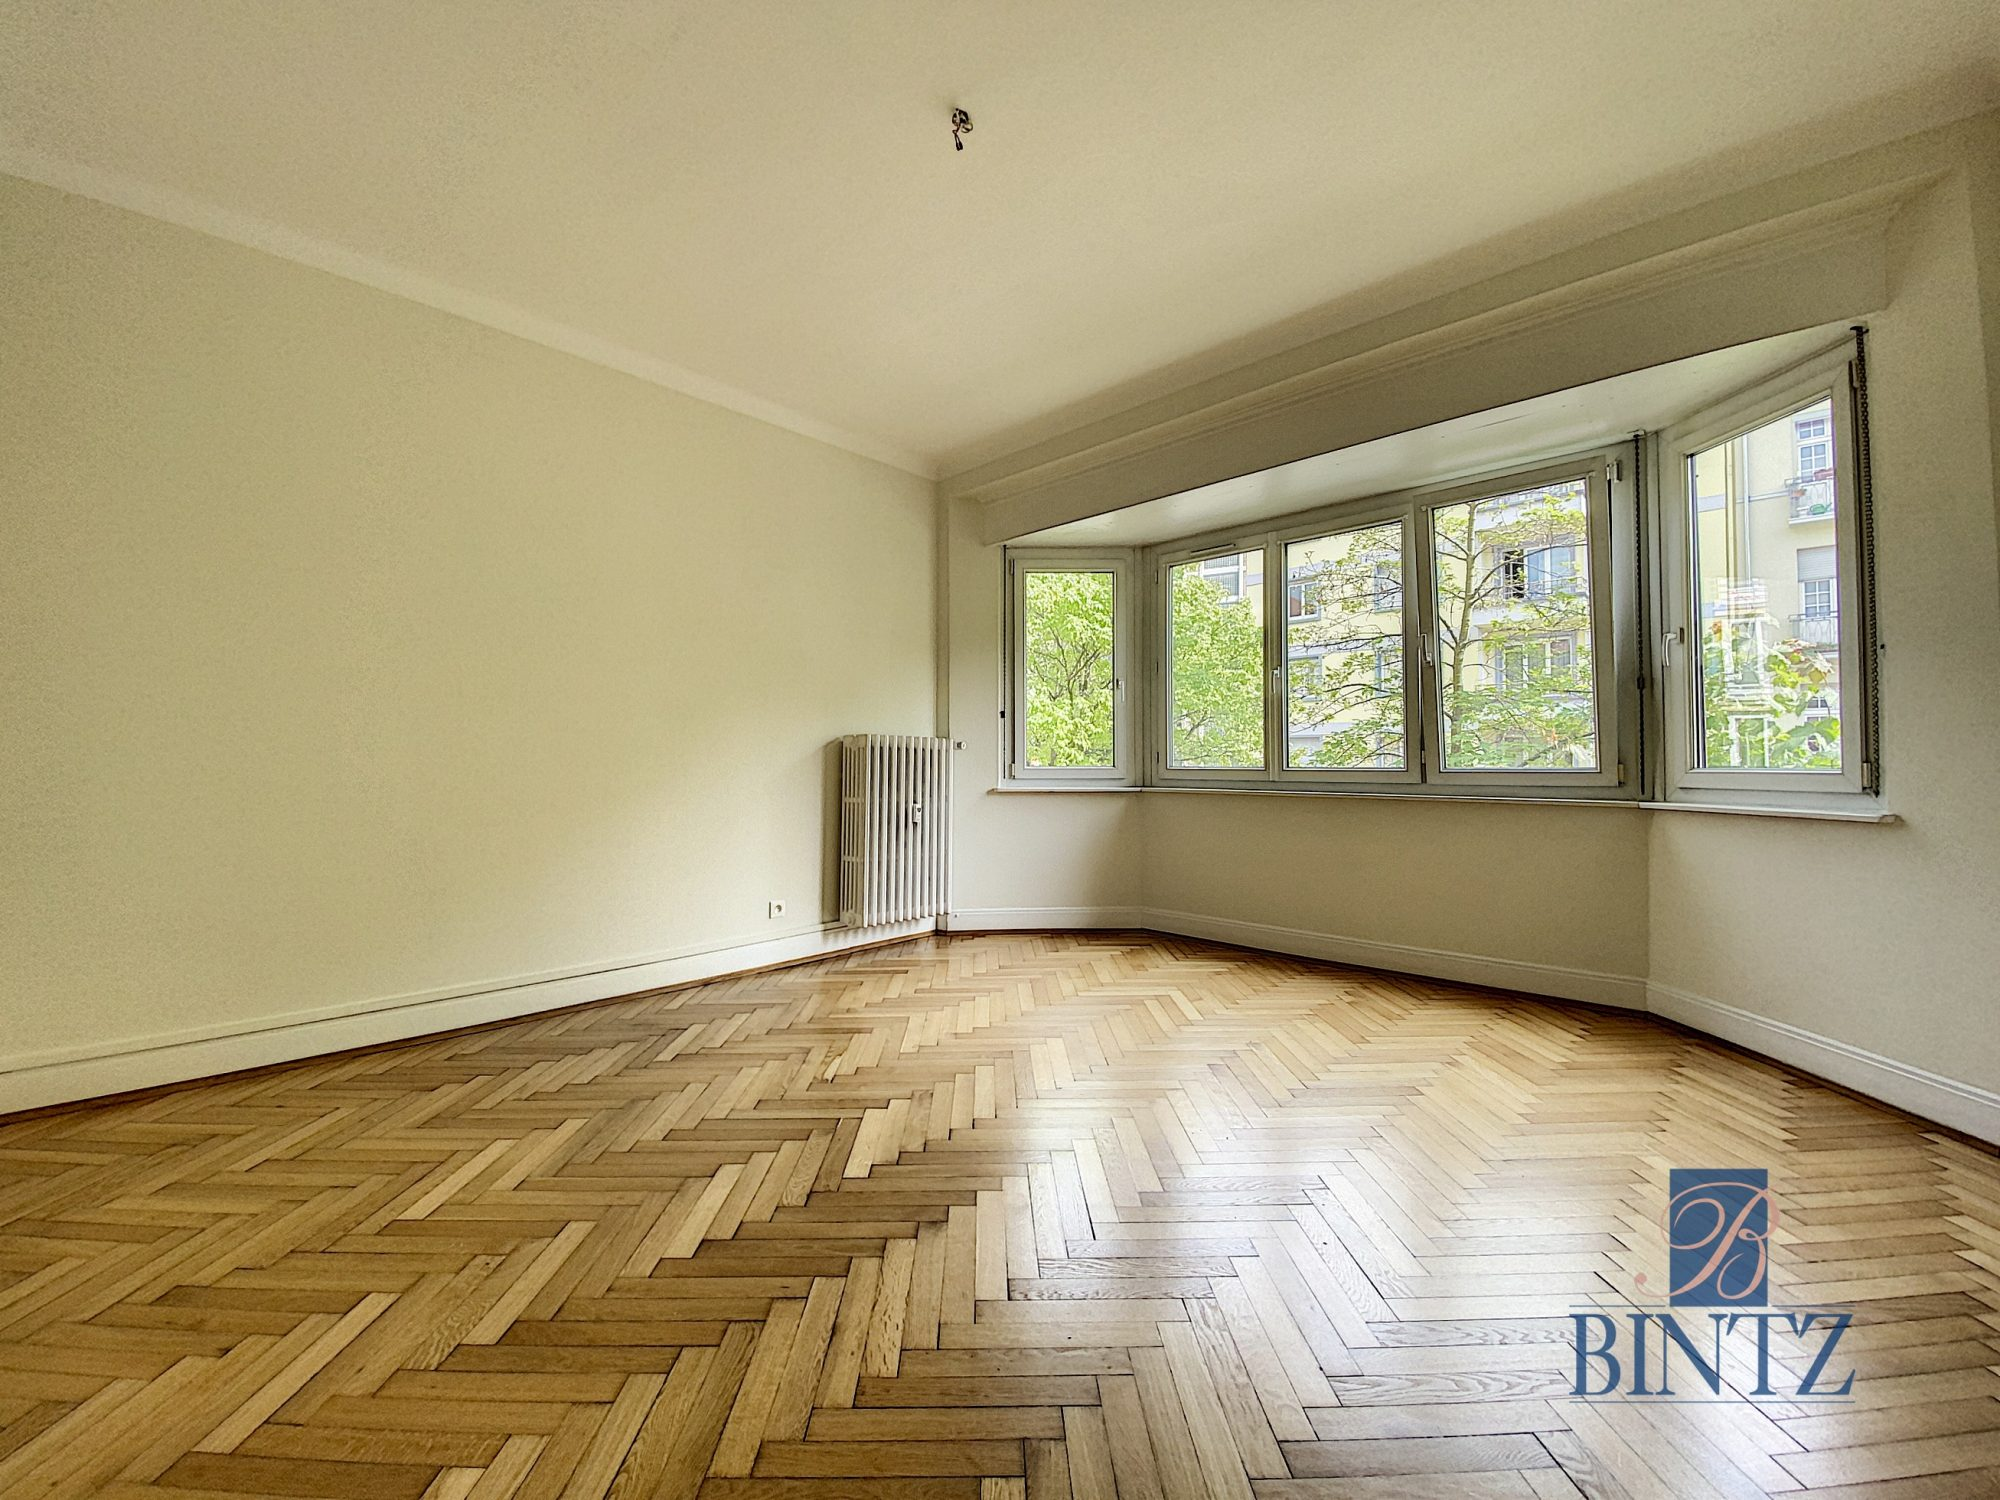 DEUX PIECES RENOVE ORANGERIE - Devenez locataire en toute sérénité - Bintz Immobilier - 7